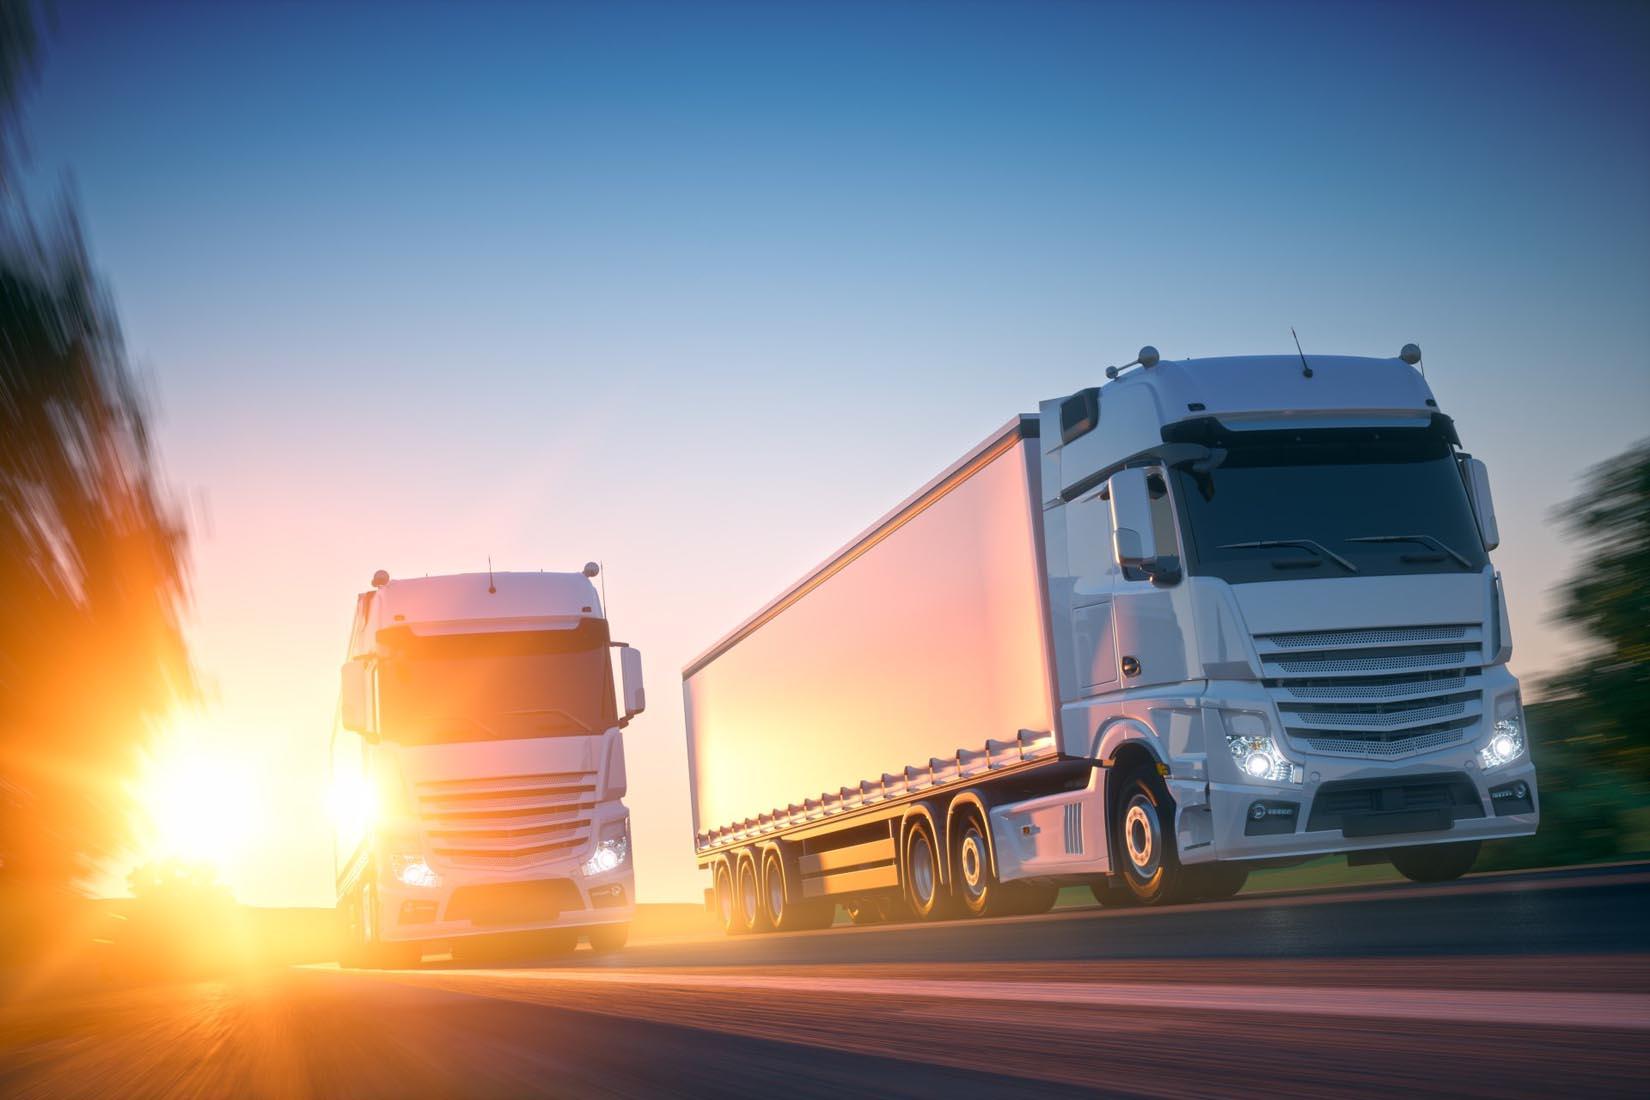 İngiltere kamyon, tır şoför başvuru nasıl yapılır? İngiltere şoför alımı başvuruşartları nelerdir? Maaşı ne kadar?